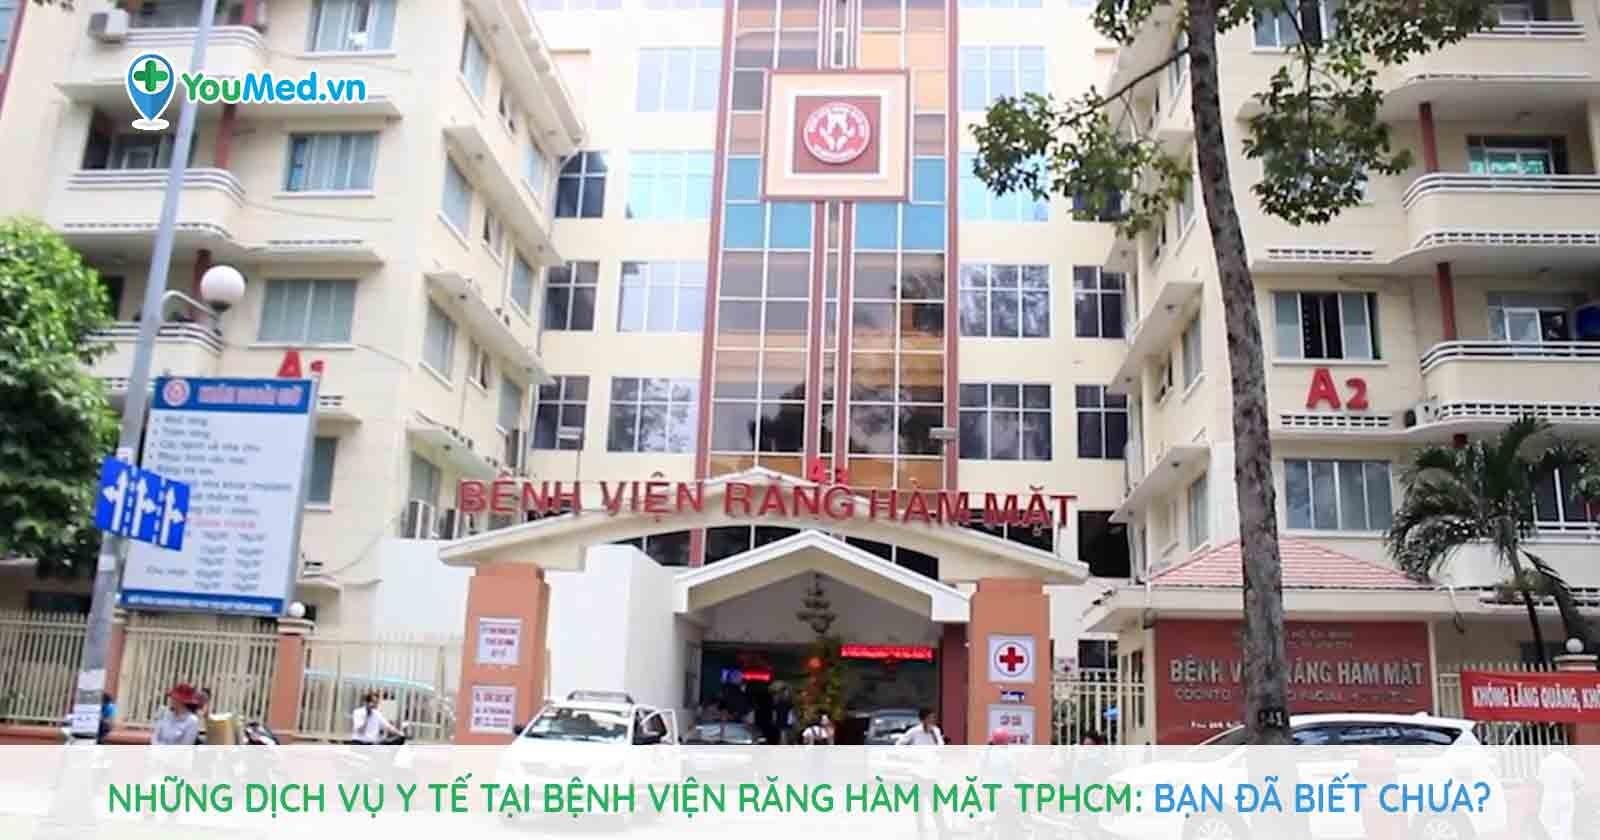 Những dịch vụ y tế tại Bệnh viện Răng Hàm Mặt TPHCM: bạn đã biết chưa?